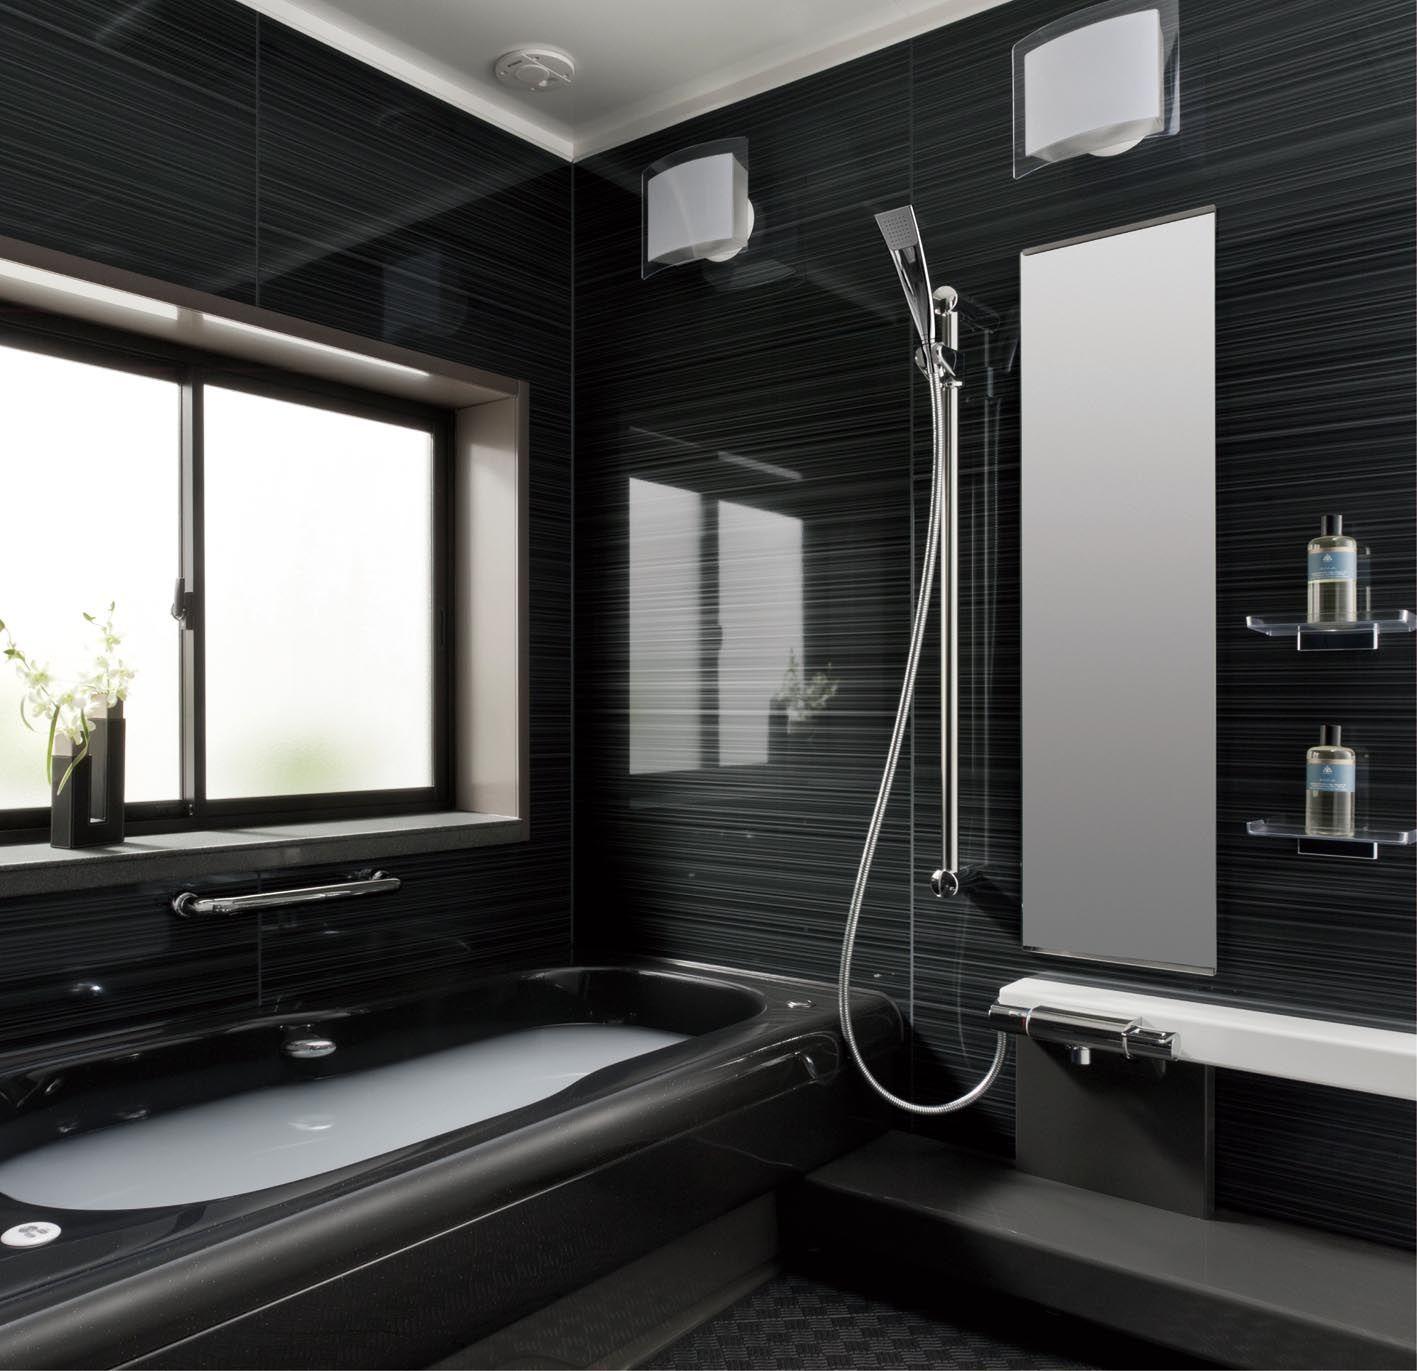 トクラスバスルーム ストーリー 1坪 ブラック モダンバスルーム バスルームのインテリアデザイン ユニットバス